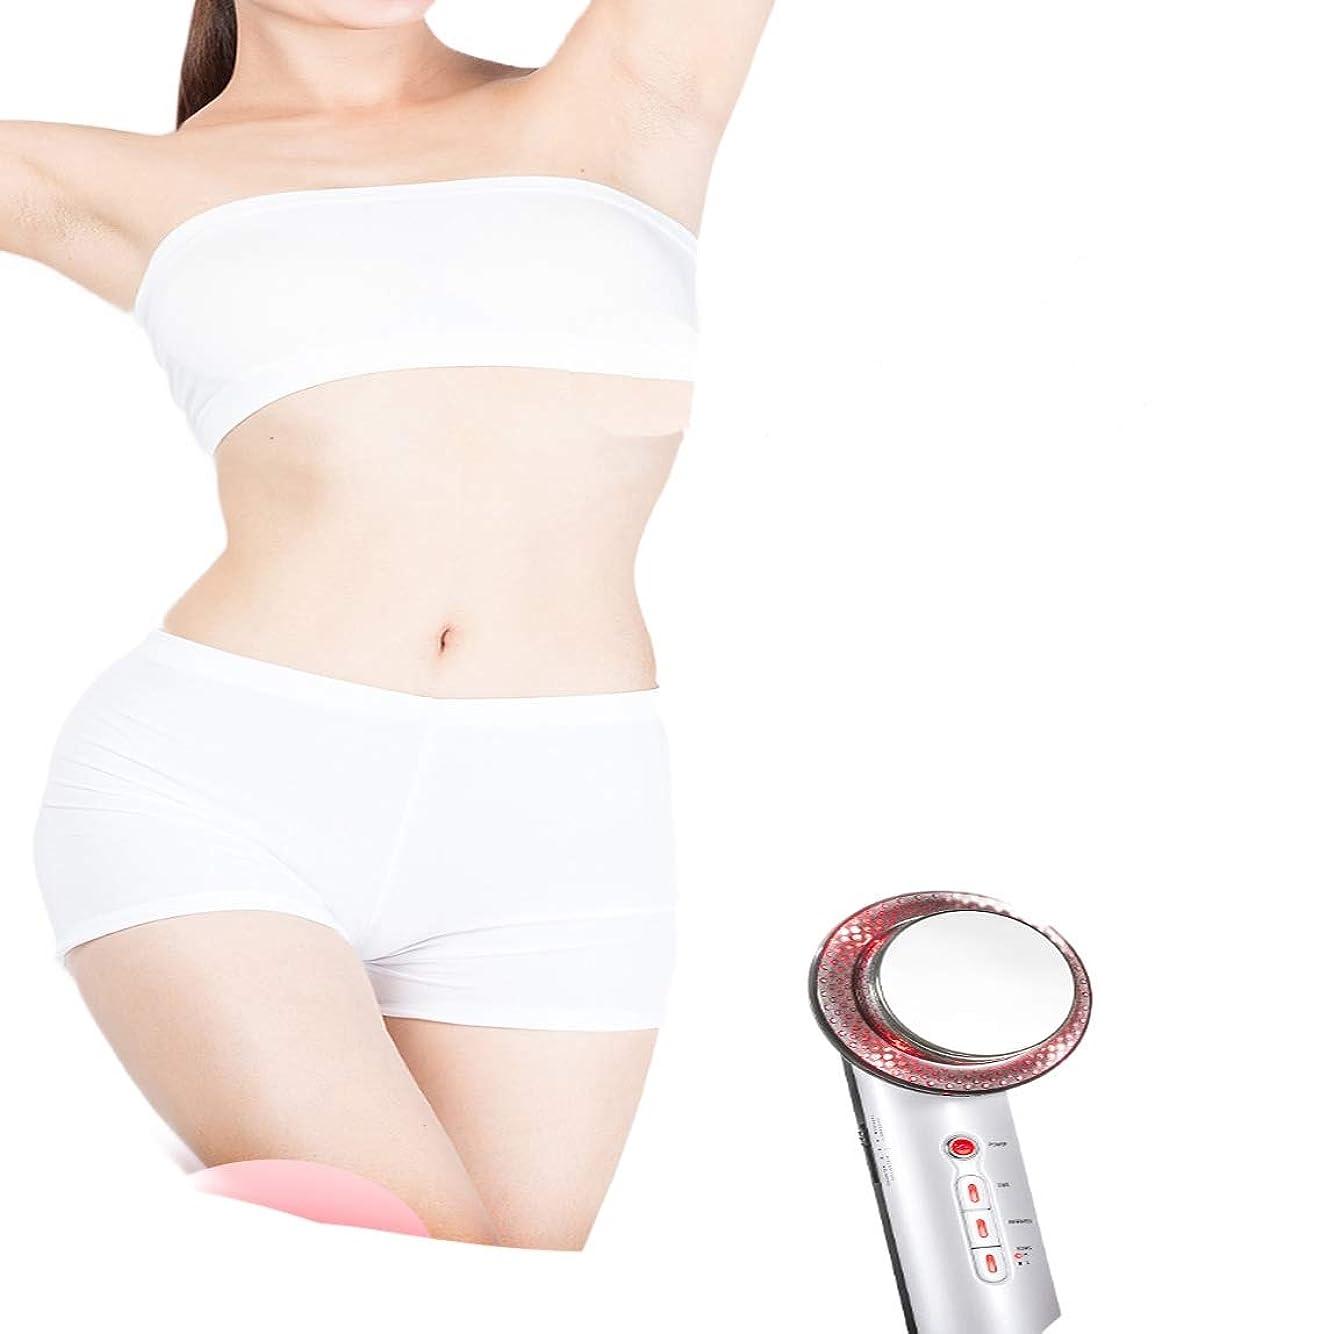 としてレガシー好ましい肌引き締めマシン、USBインタフェース、フェイスネックケアマッサージ、スリミングインストゥルメントスリミング減量メーター